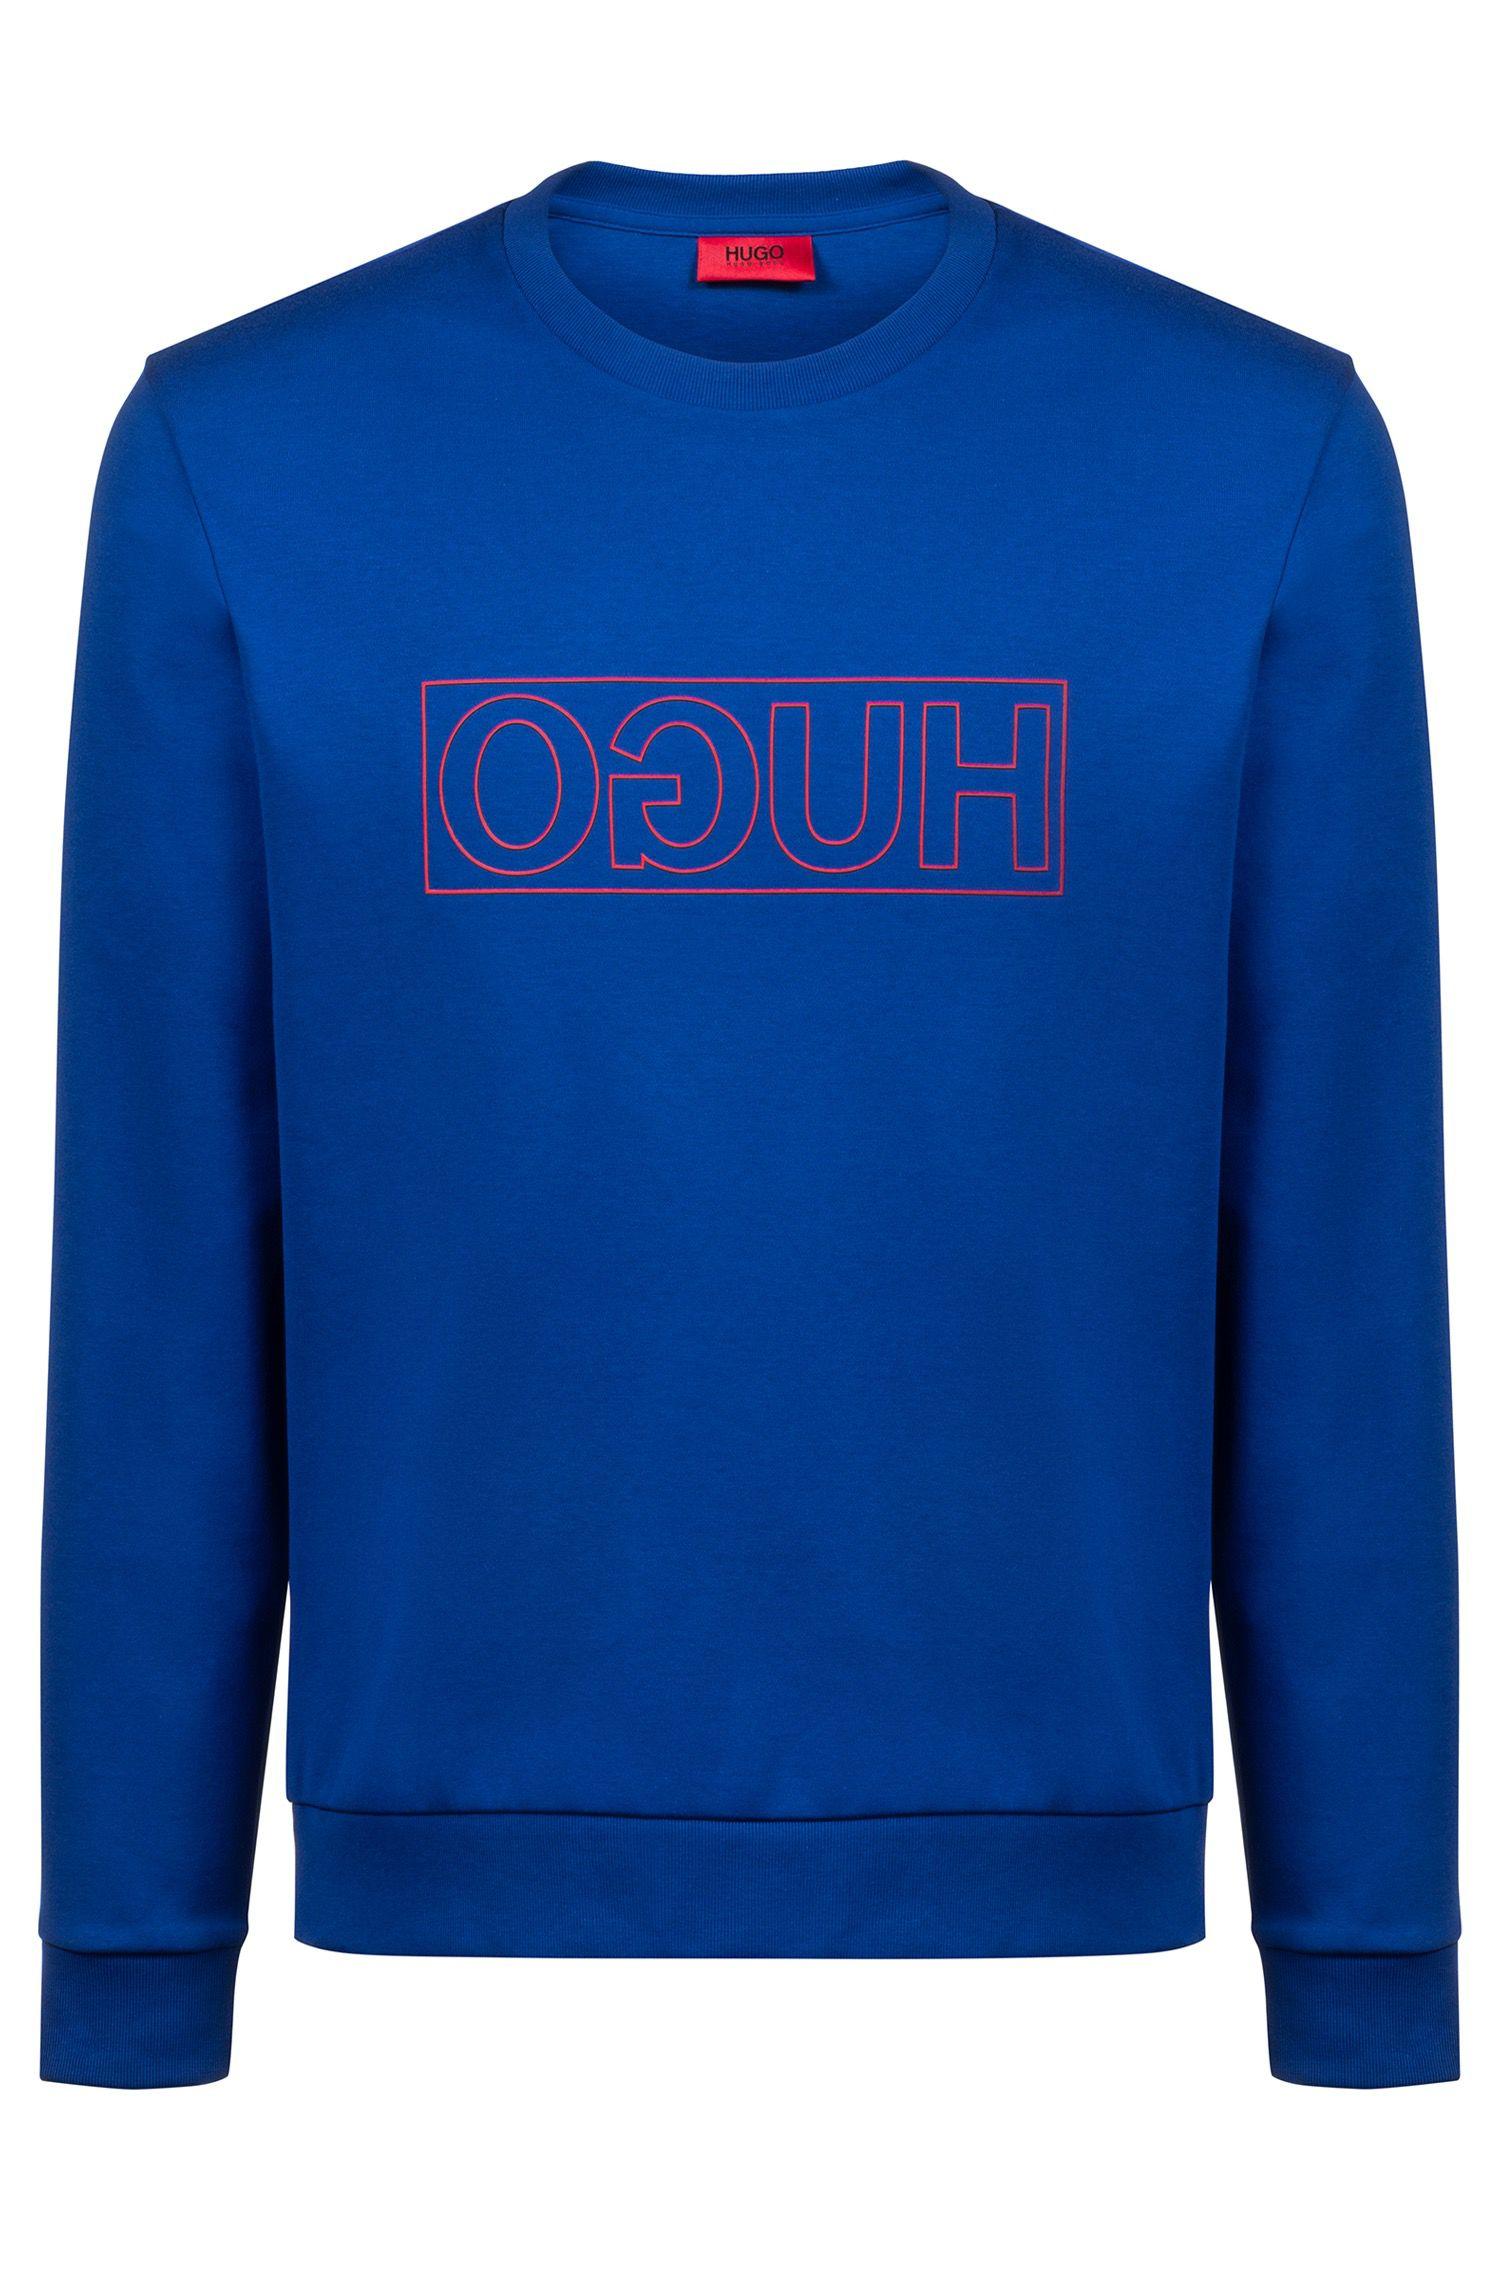 Sweatshirt aus Interlock-Baumwolle mit spiegelverkehrtem Logo, Blau